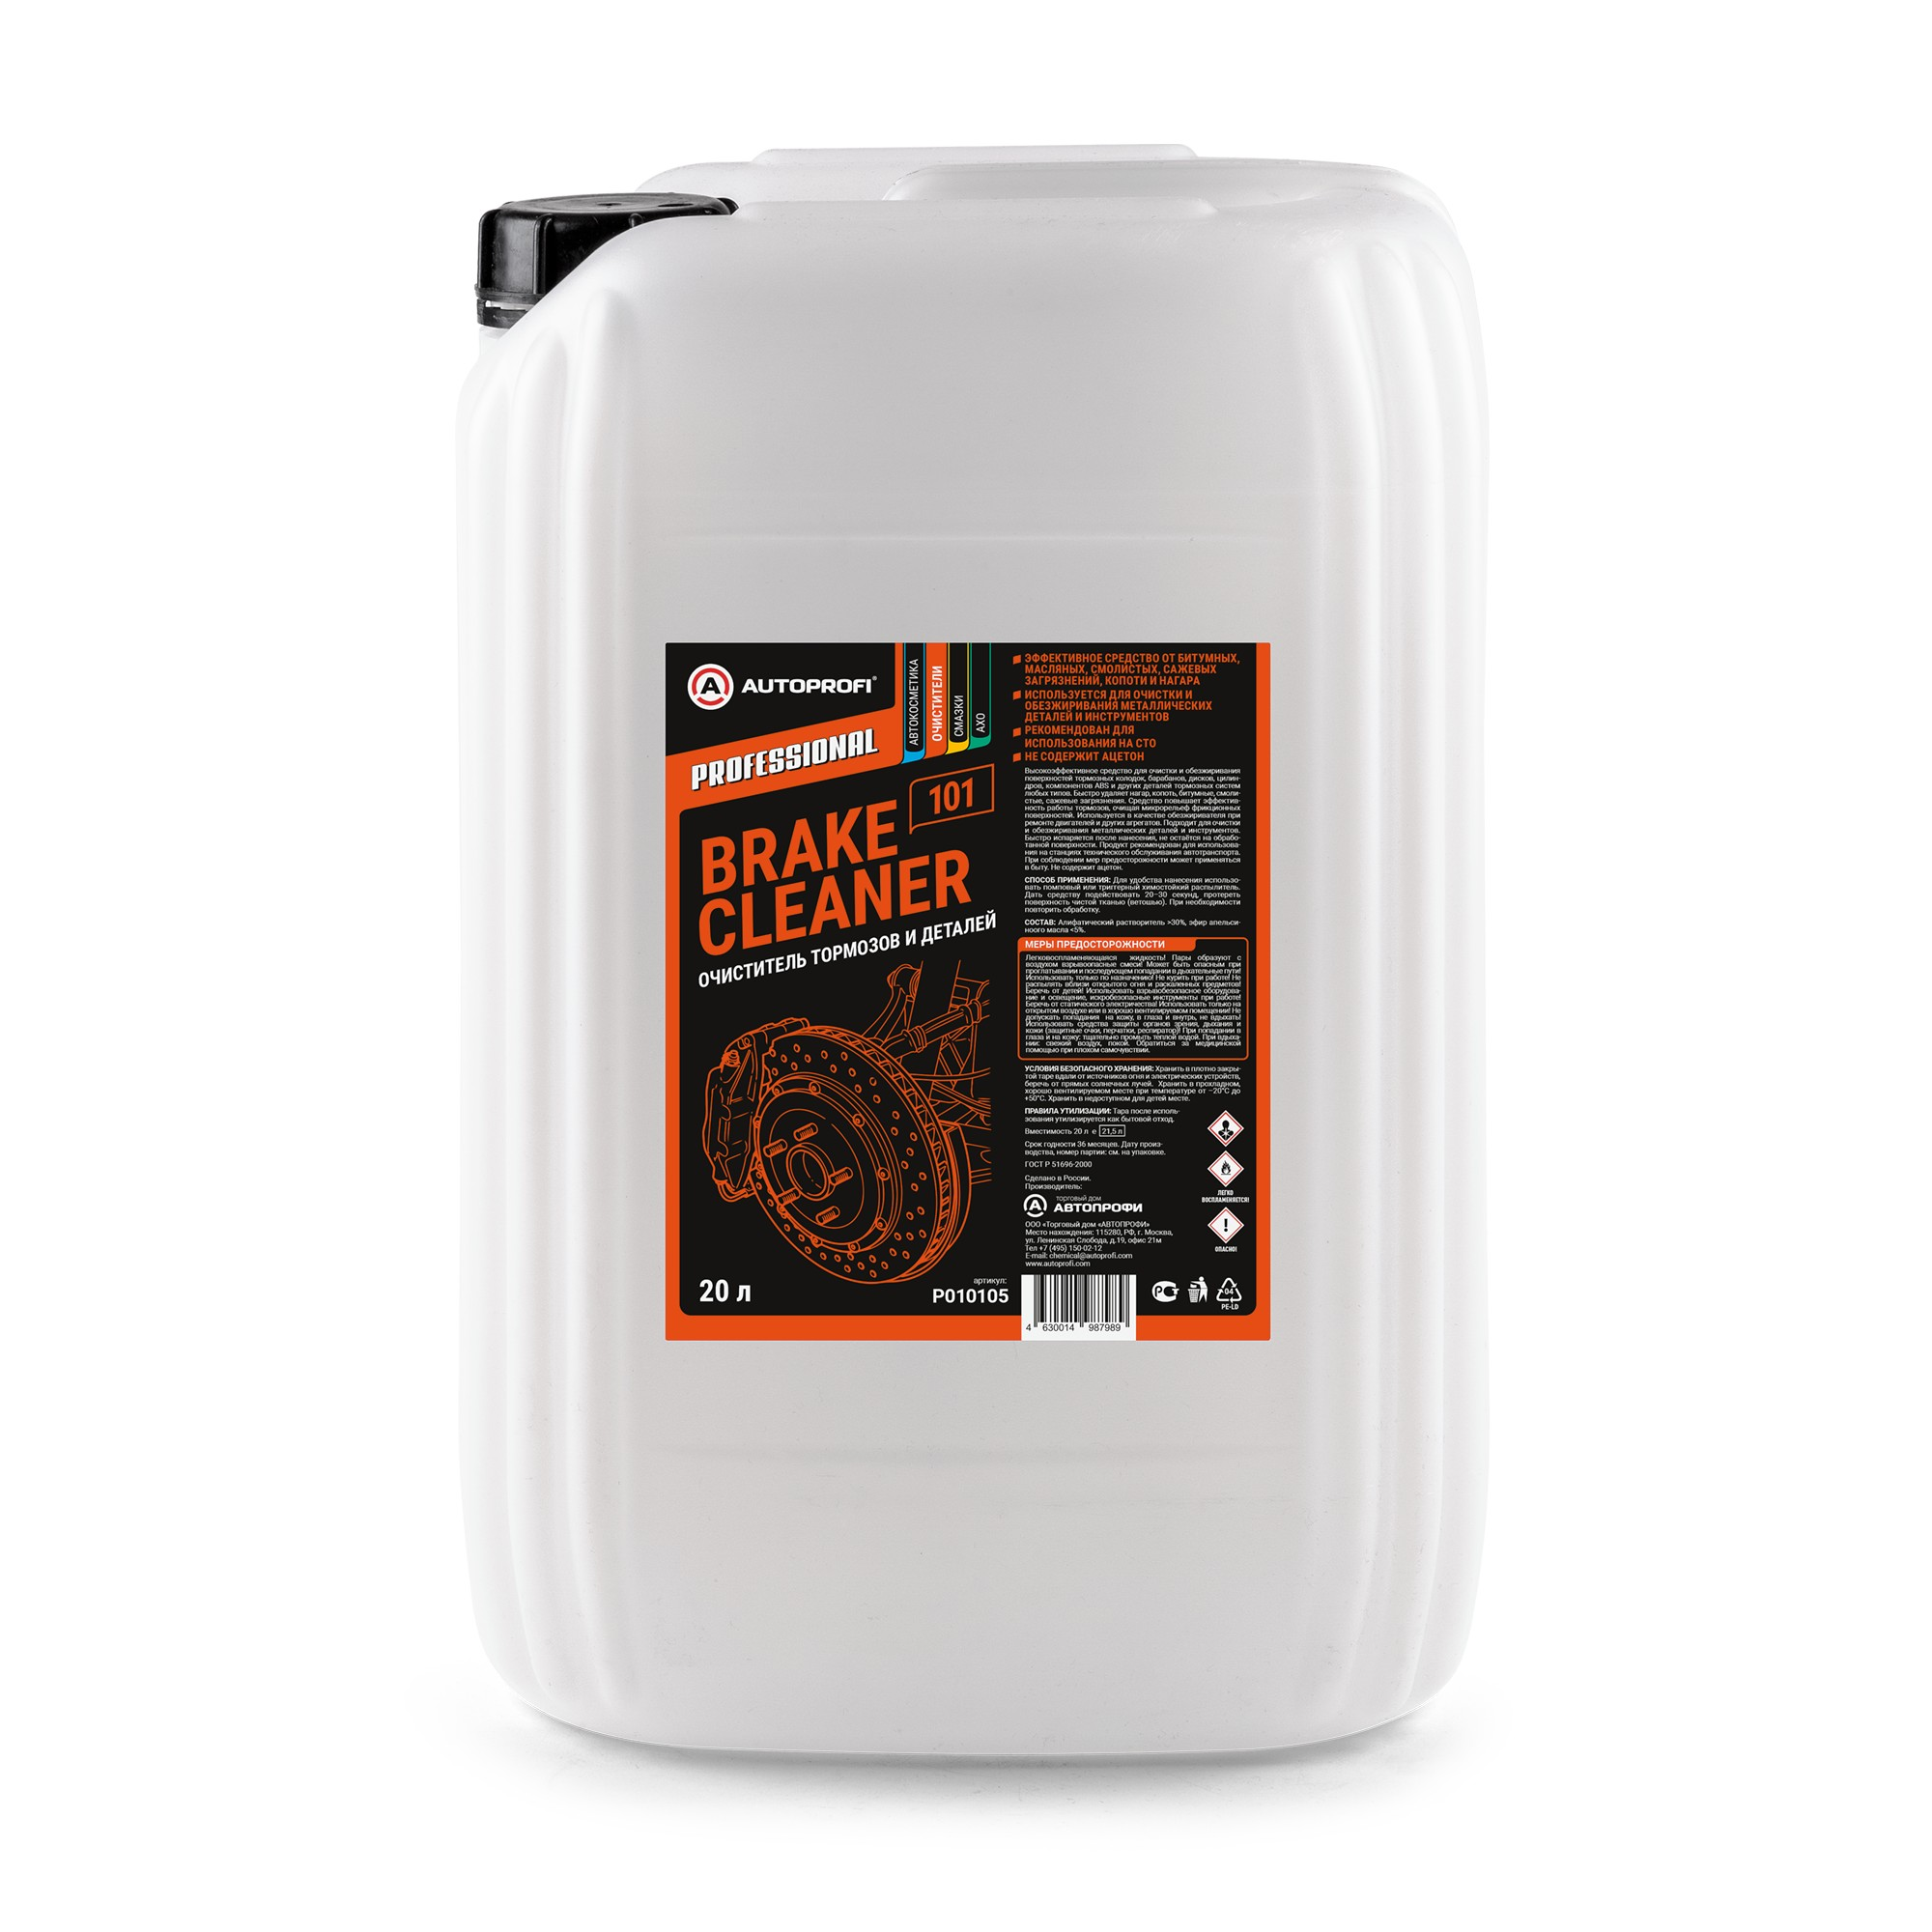 цена на Очиститель Autoprofi Professional p010105